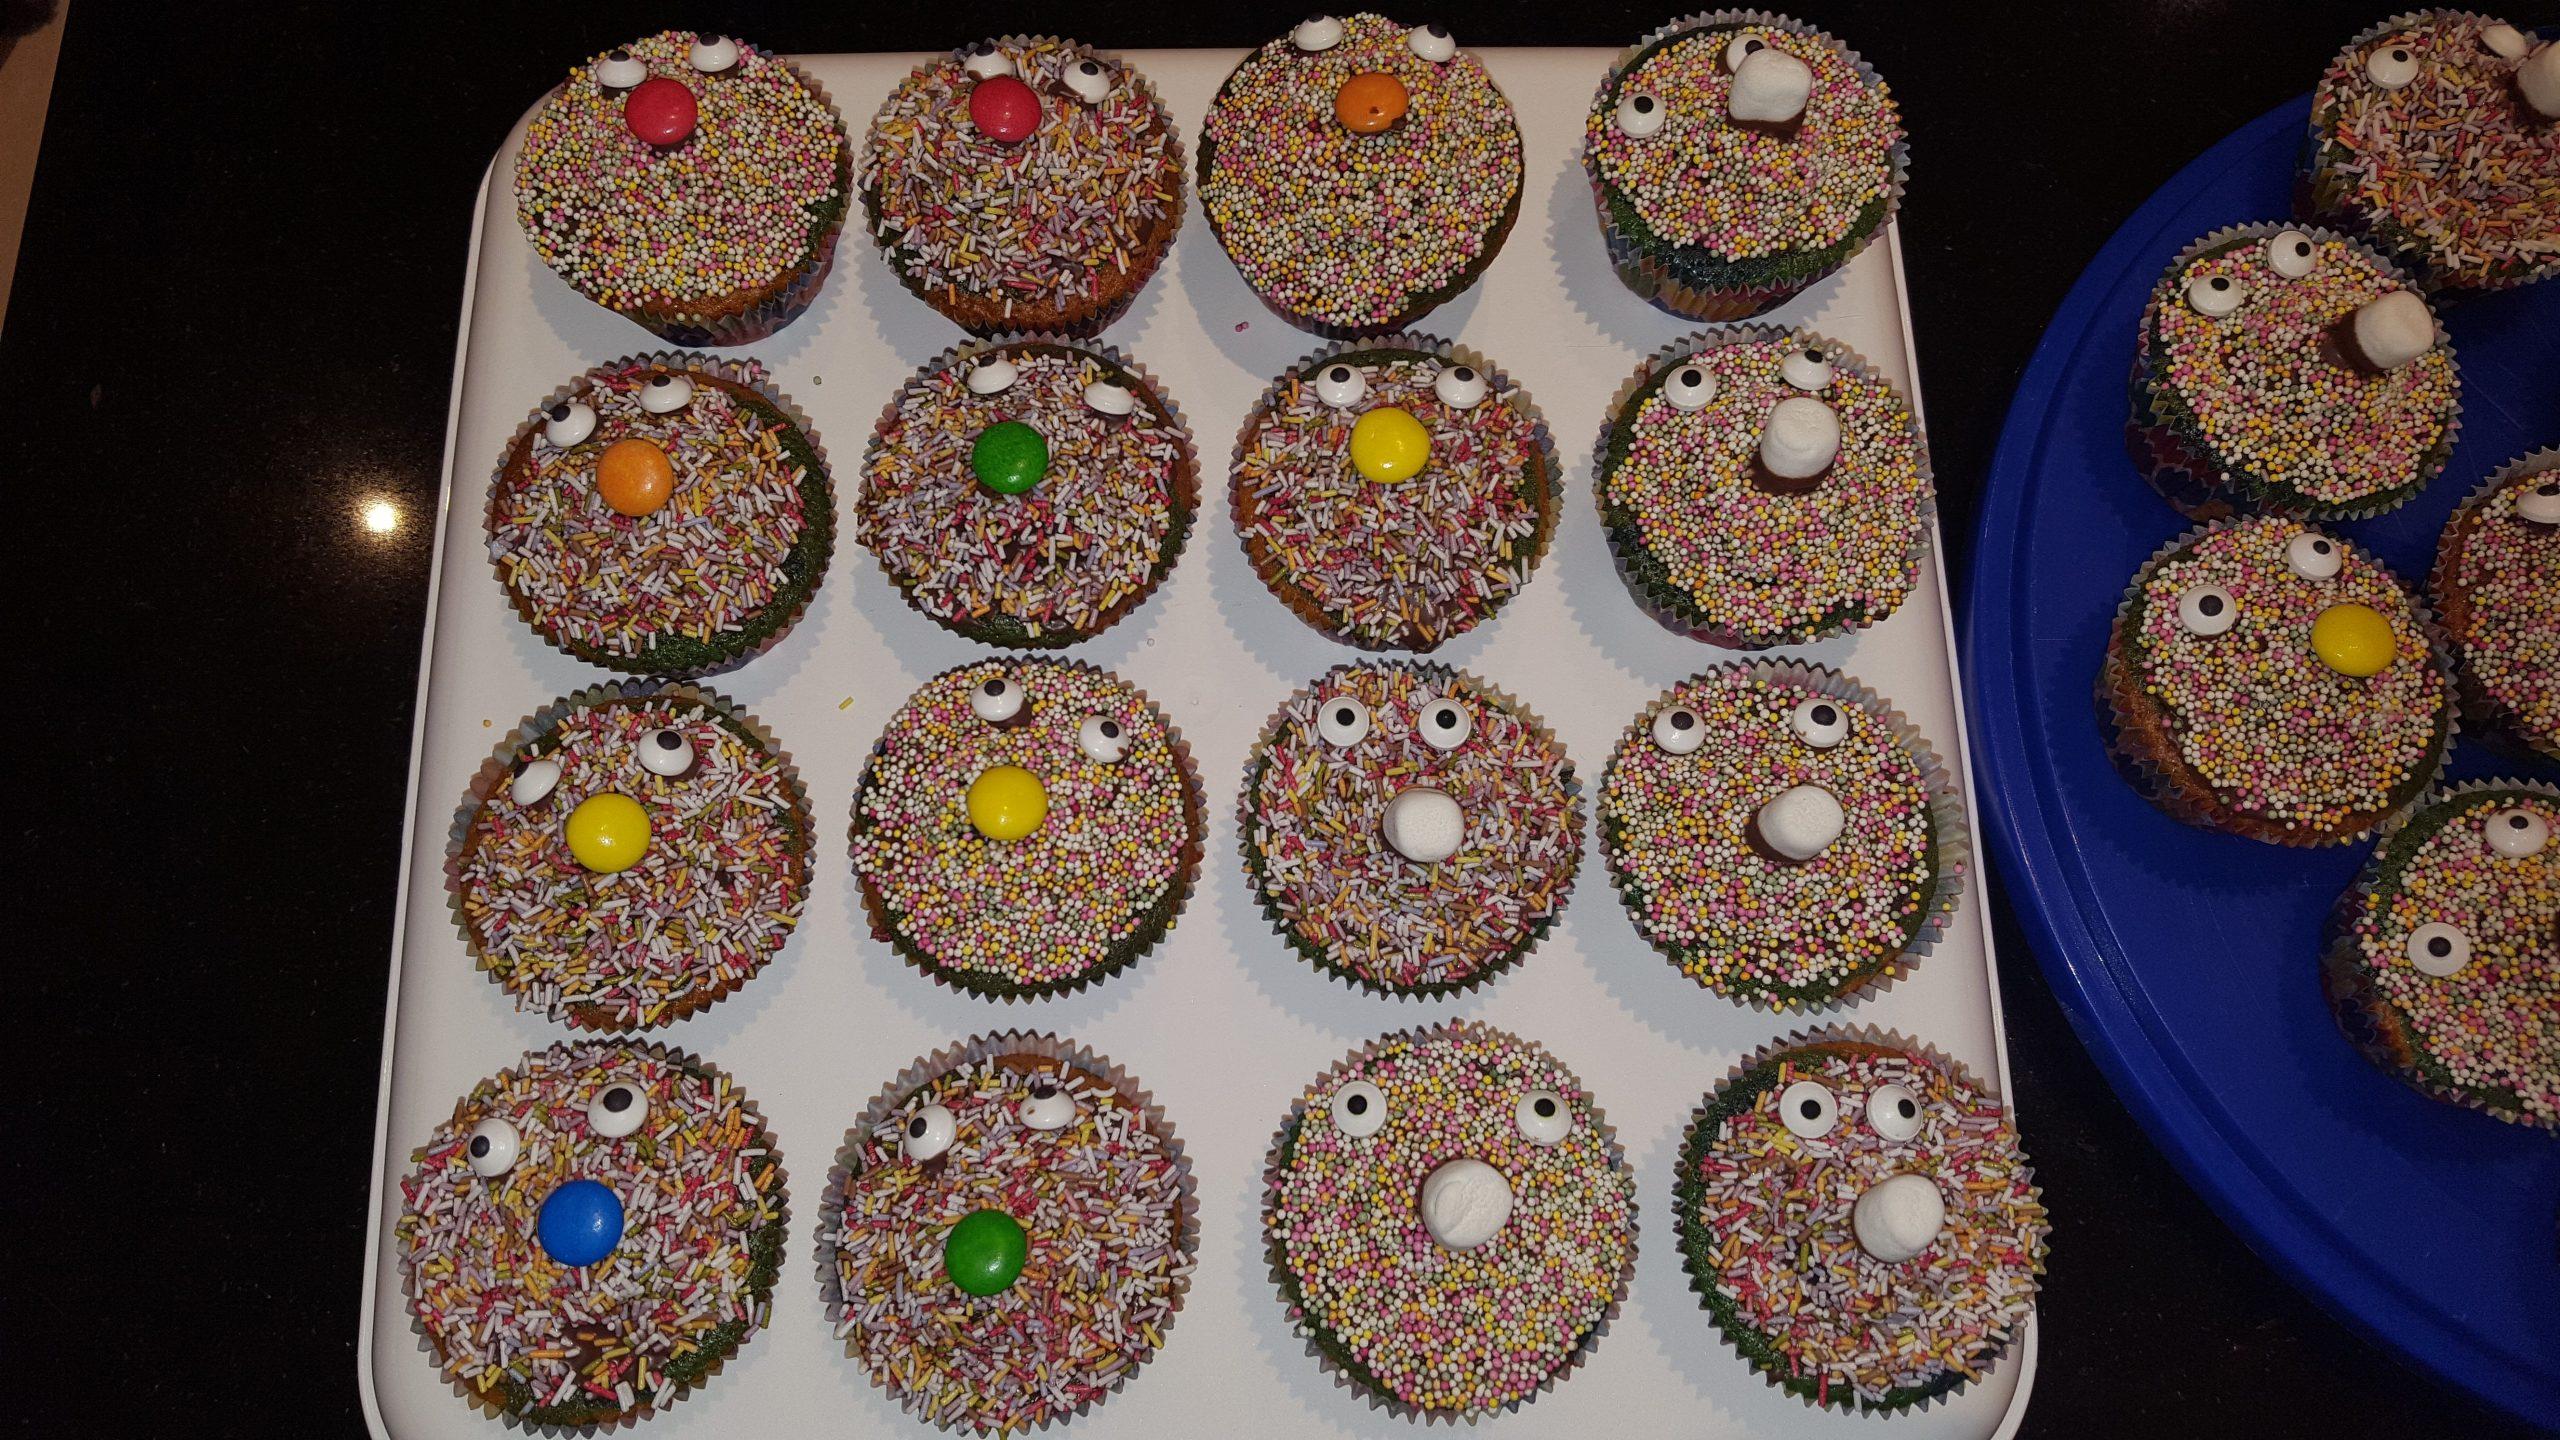 Lustige Muffins Für Den Kindergeburtstag Gebacken ;-) — Steemit bei Lustige Muffins Für Kindergeburtstag